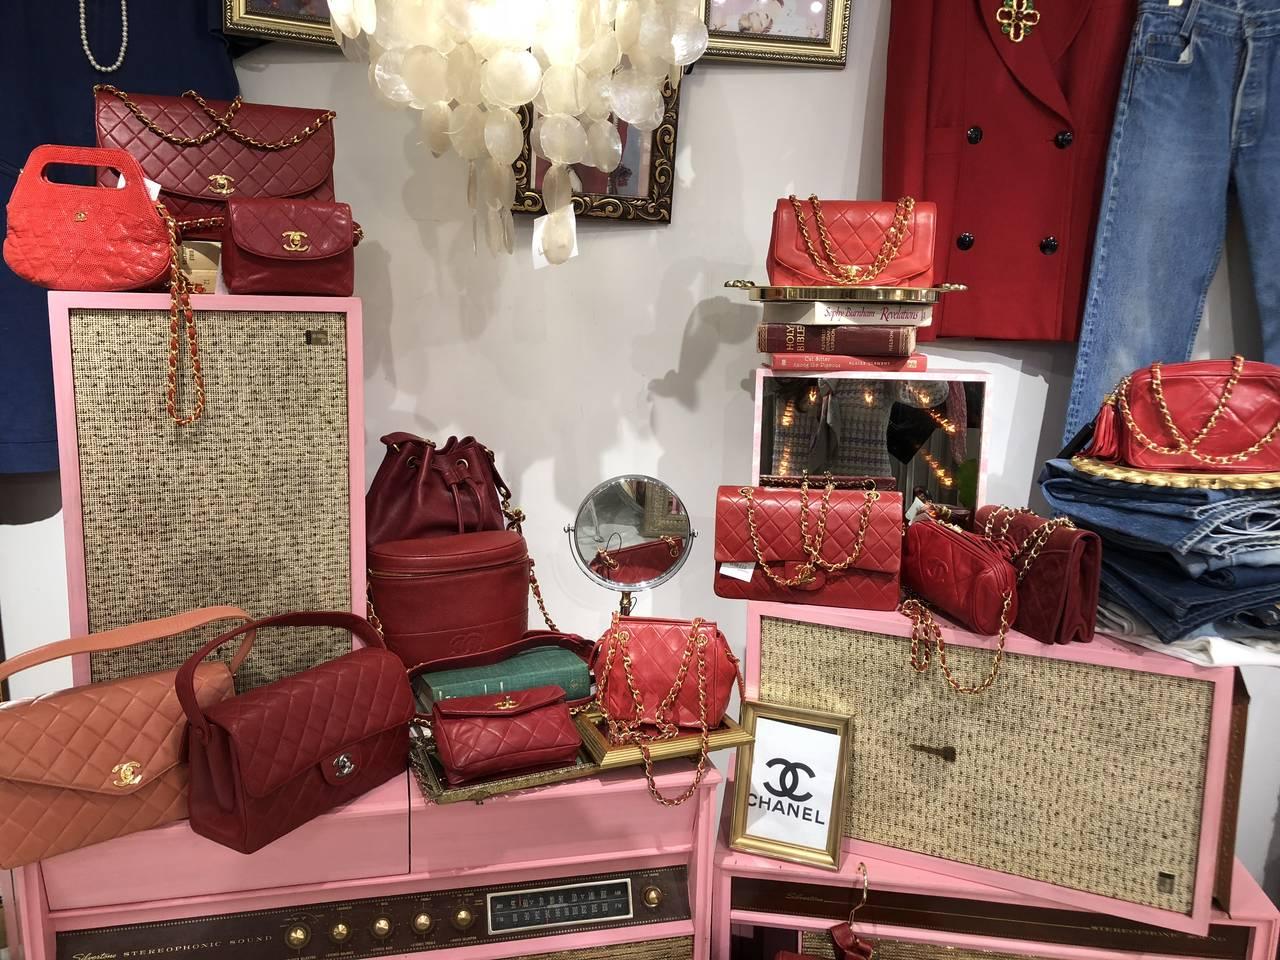 【我的日本生活物語】古董奢侈品包包這裡淘- VINTAGE QOO TOKYO